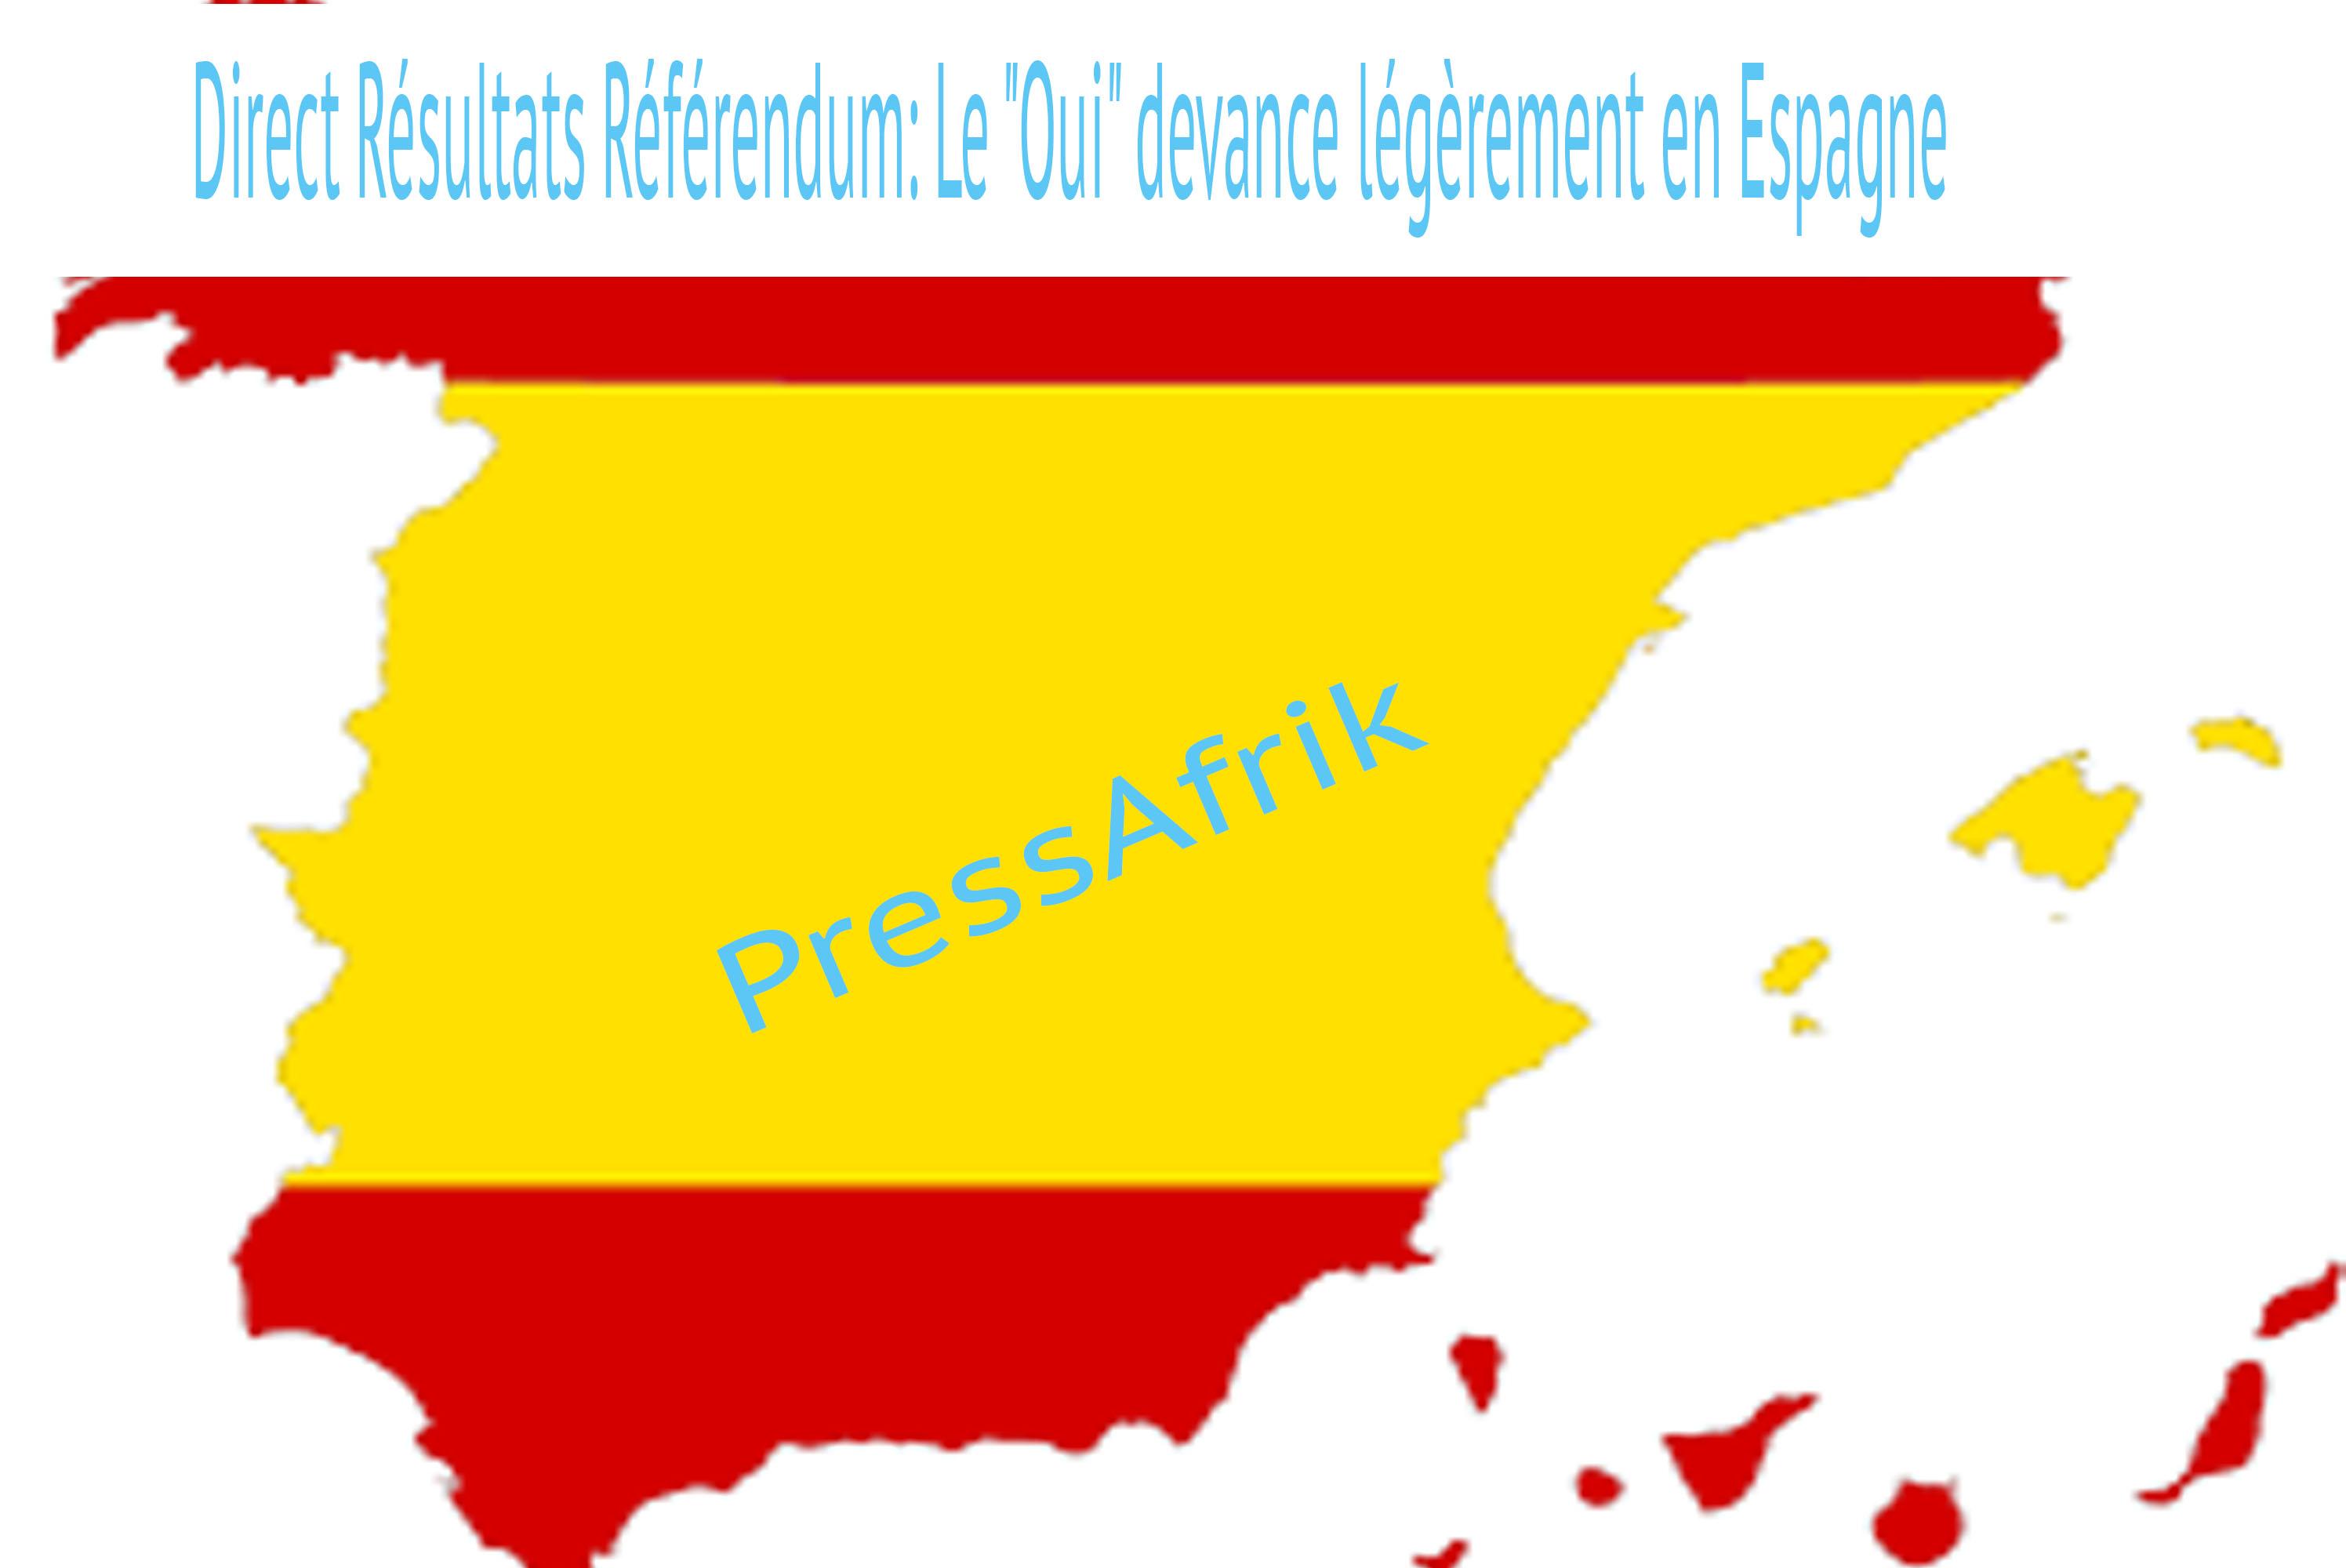 """Direct Résultats Référendum: Espagne continue dans la tendance du """"Oui"""""""